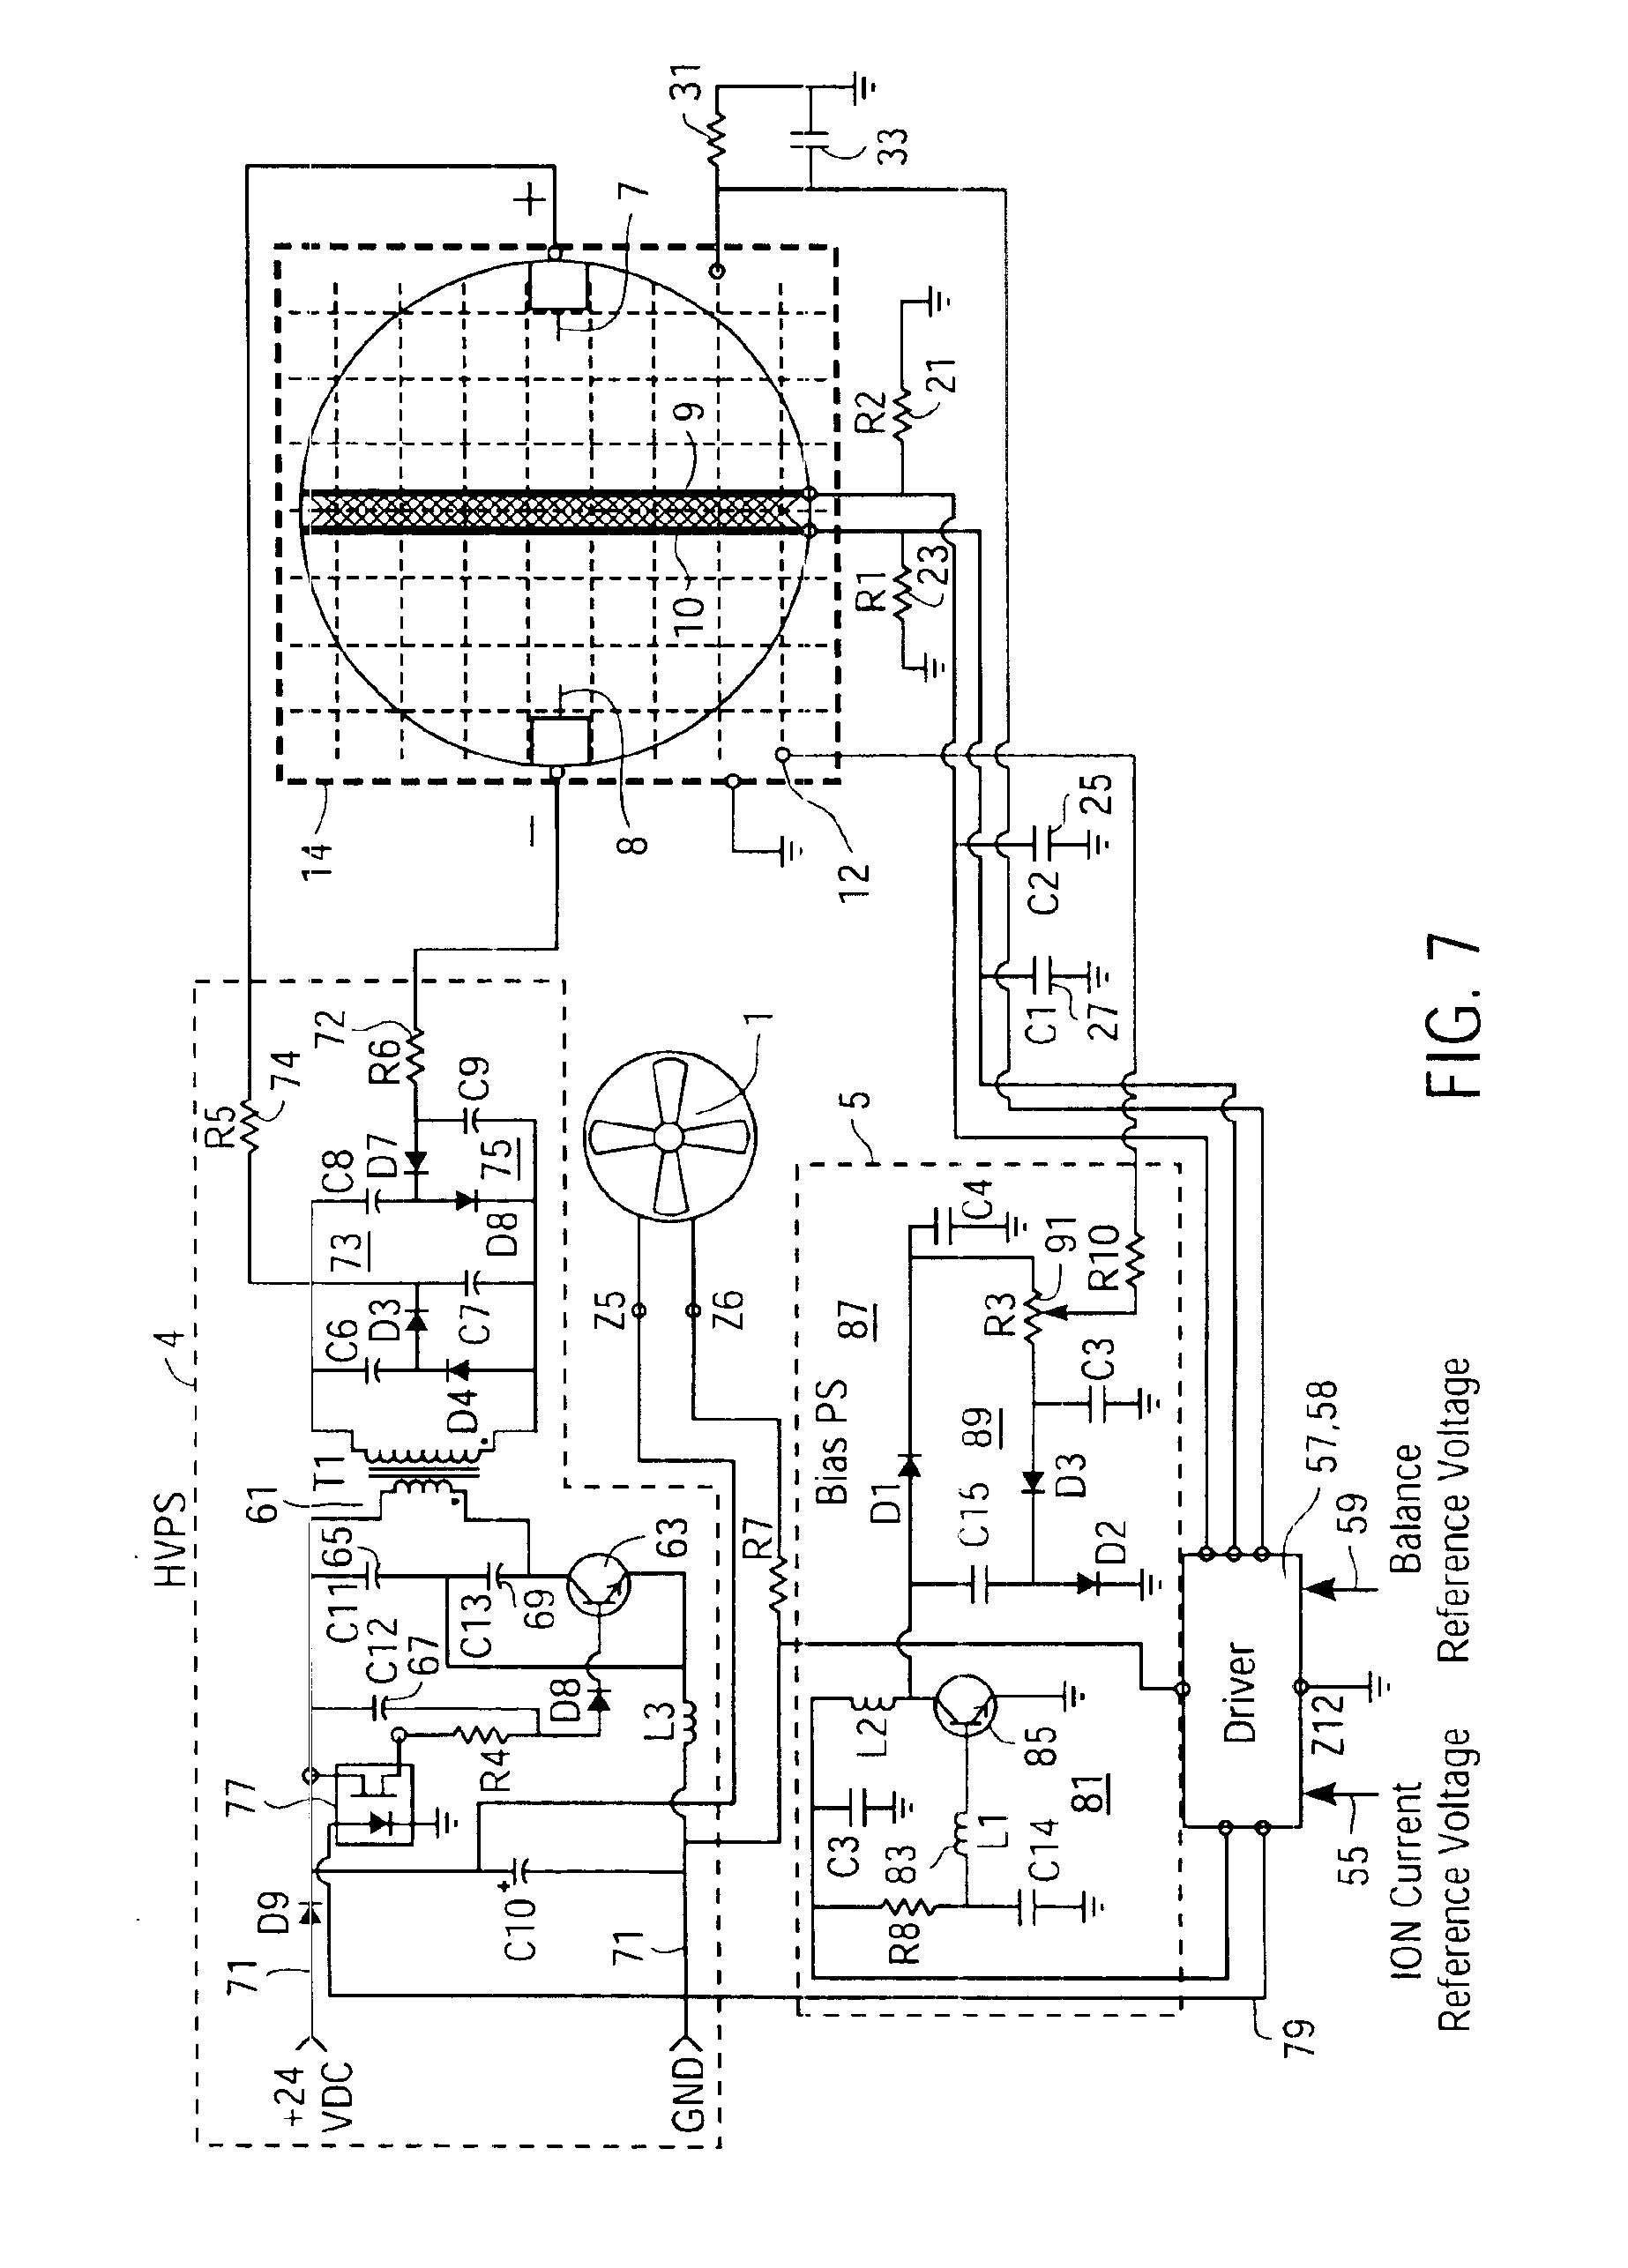 small resolution of circuit board schematics